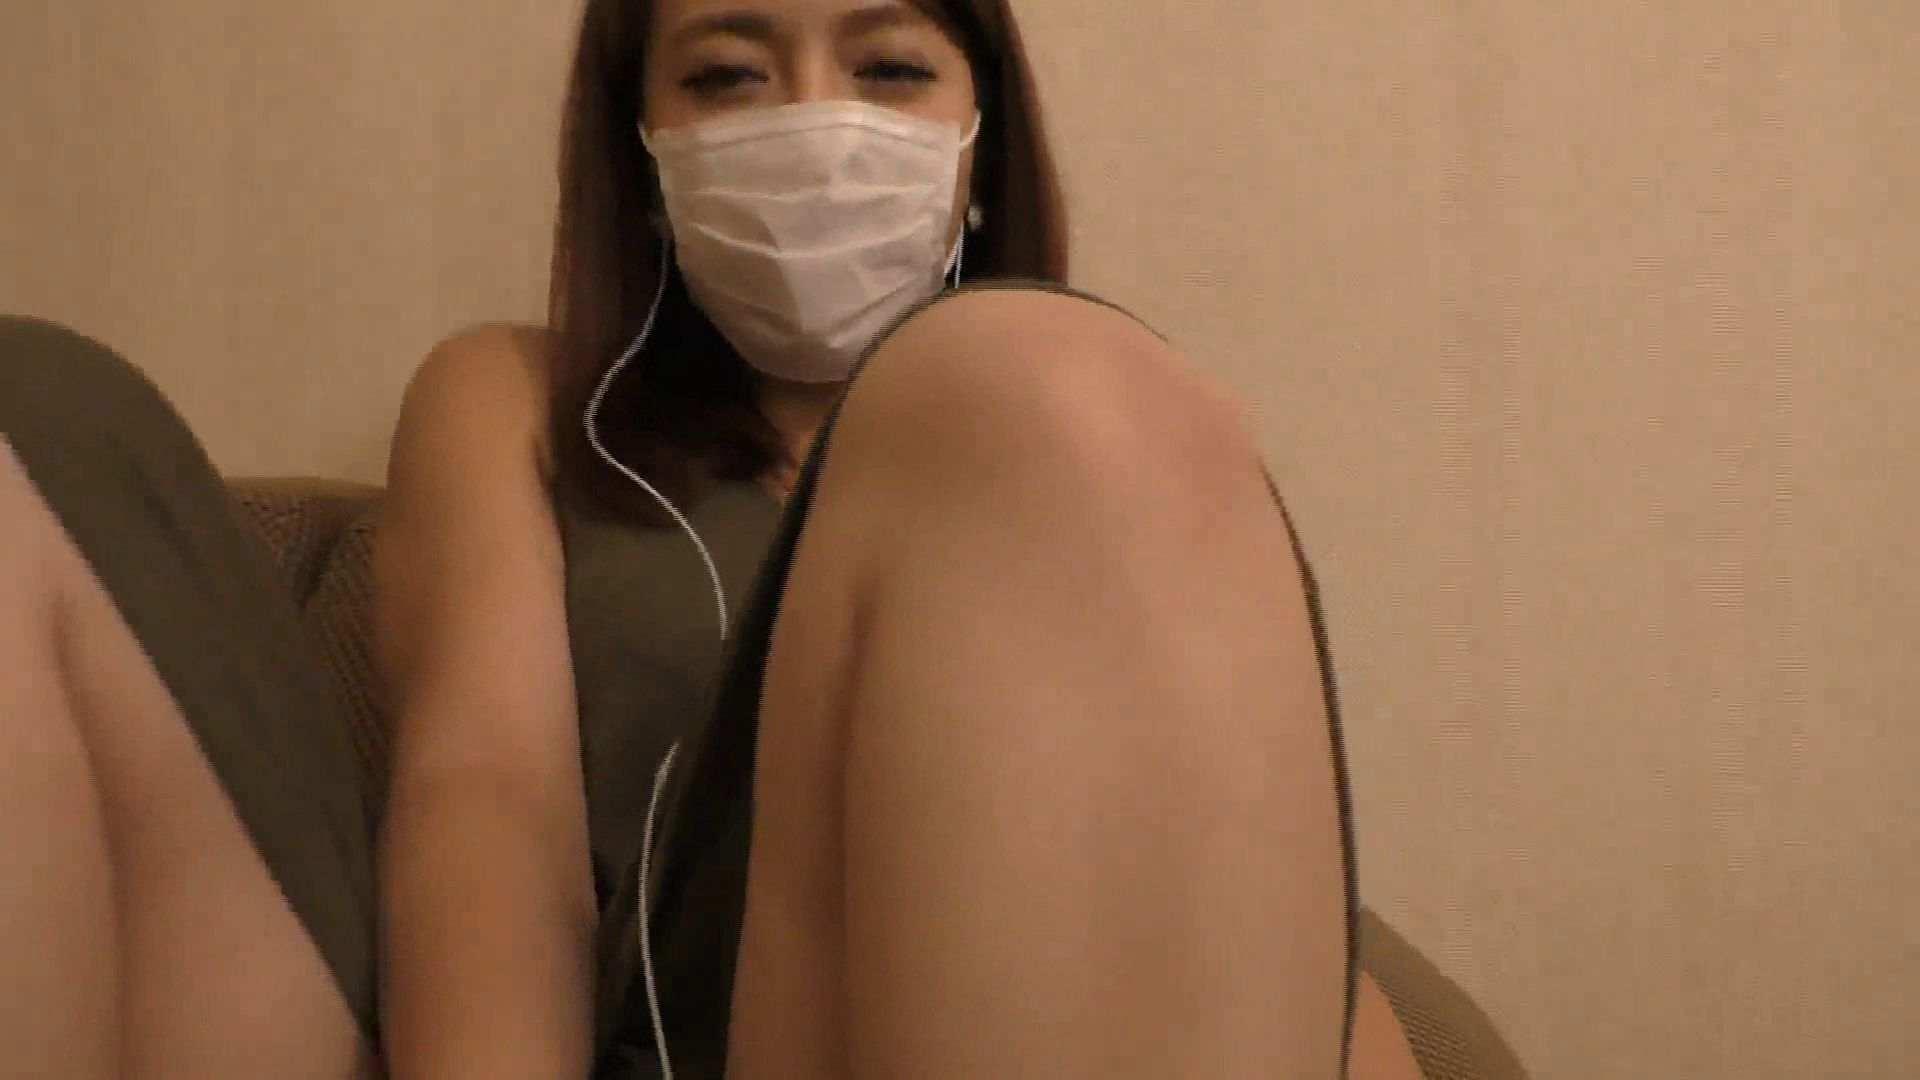 S級厳選美女ビッチガールVol.19 OLの実態   美女  27pic 11